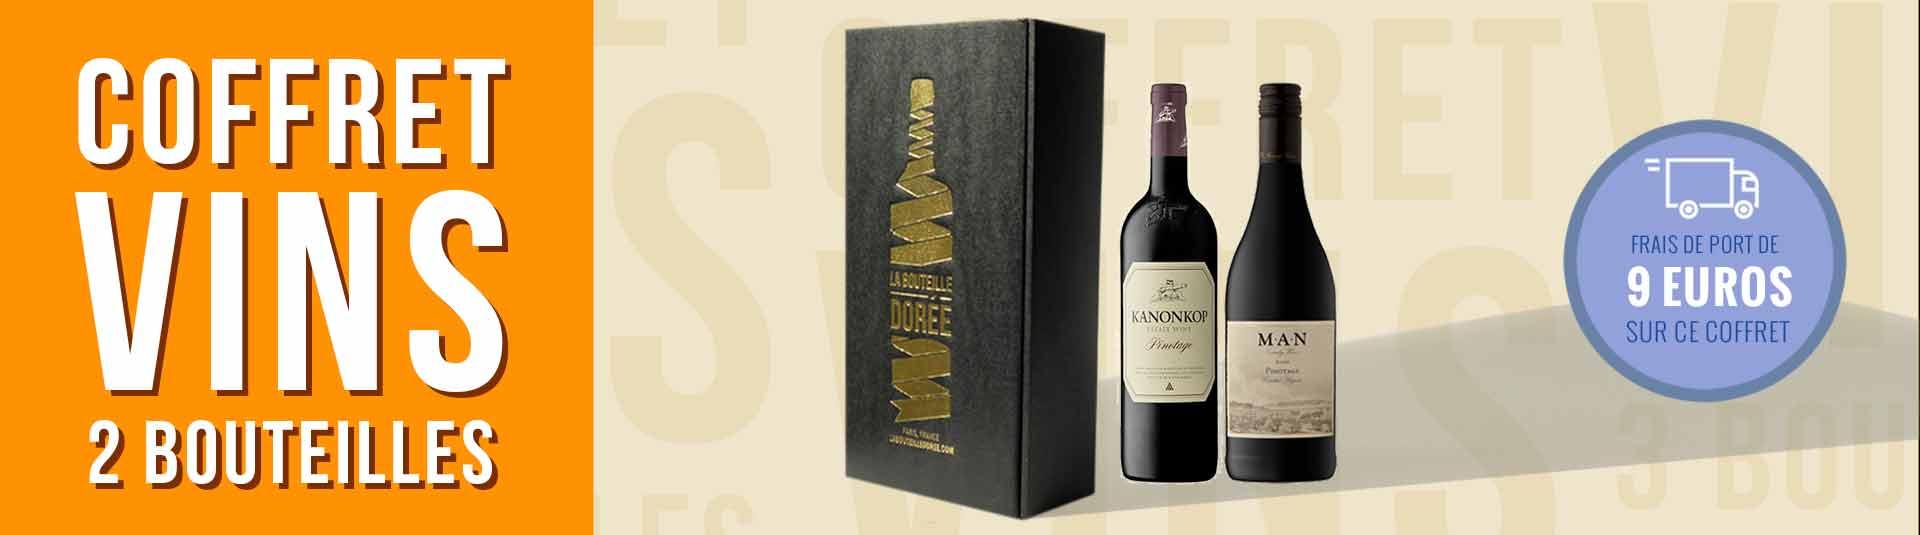 Coffret vin Pinotage Afrique du Sud 2 bouteilles